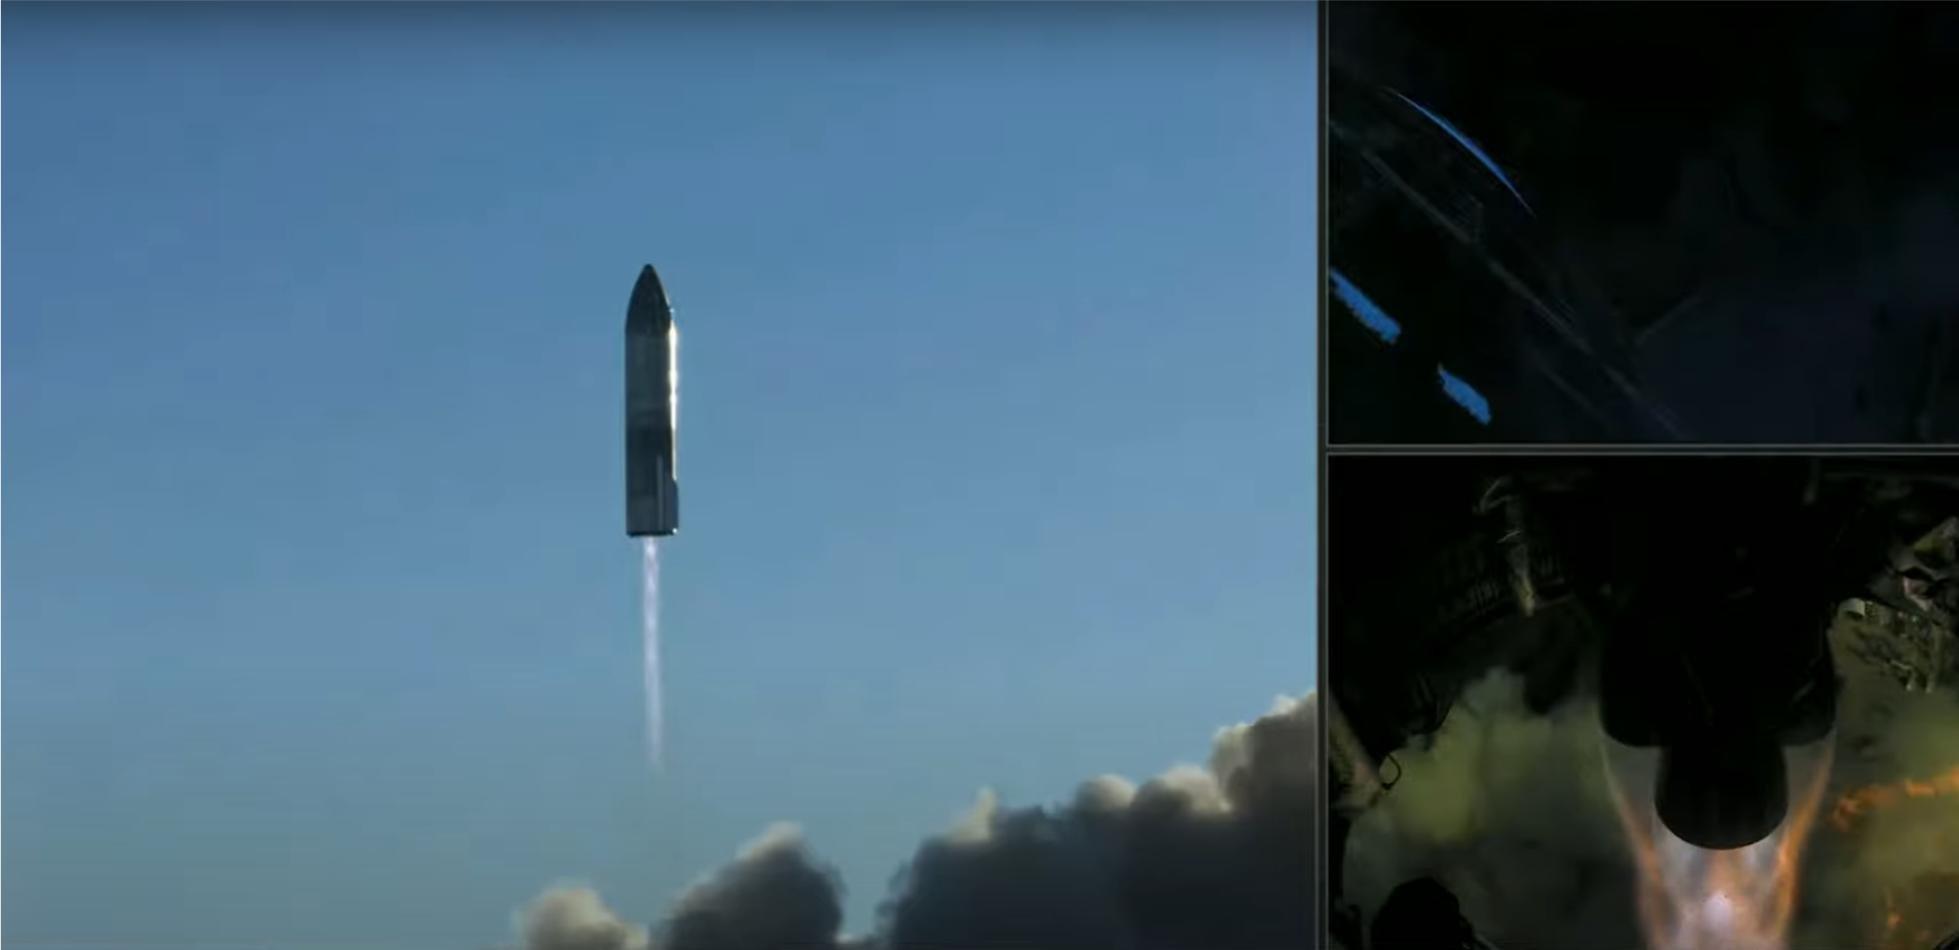 Historyczny sukces SpaceX. Starship wzbił się w powietrze